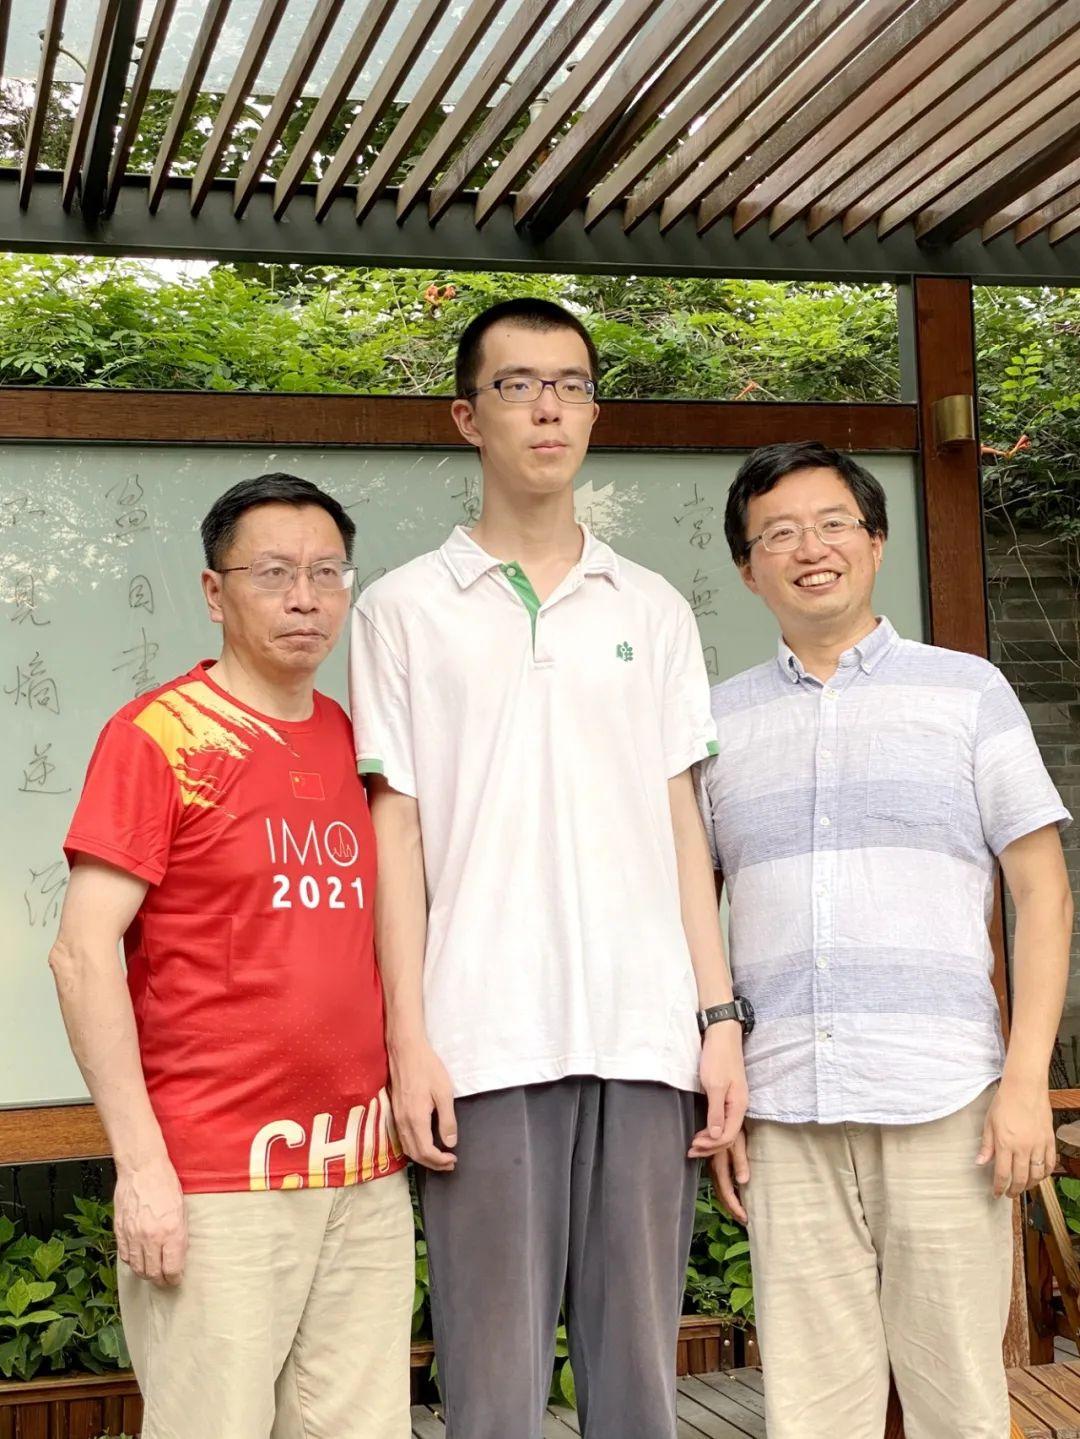 王一川和他的竞赛教练唐立华(左)、中国国家队领队肖梁(右)